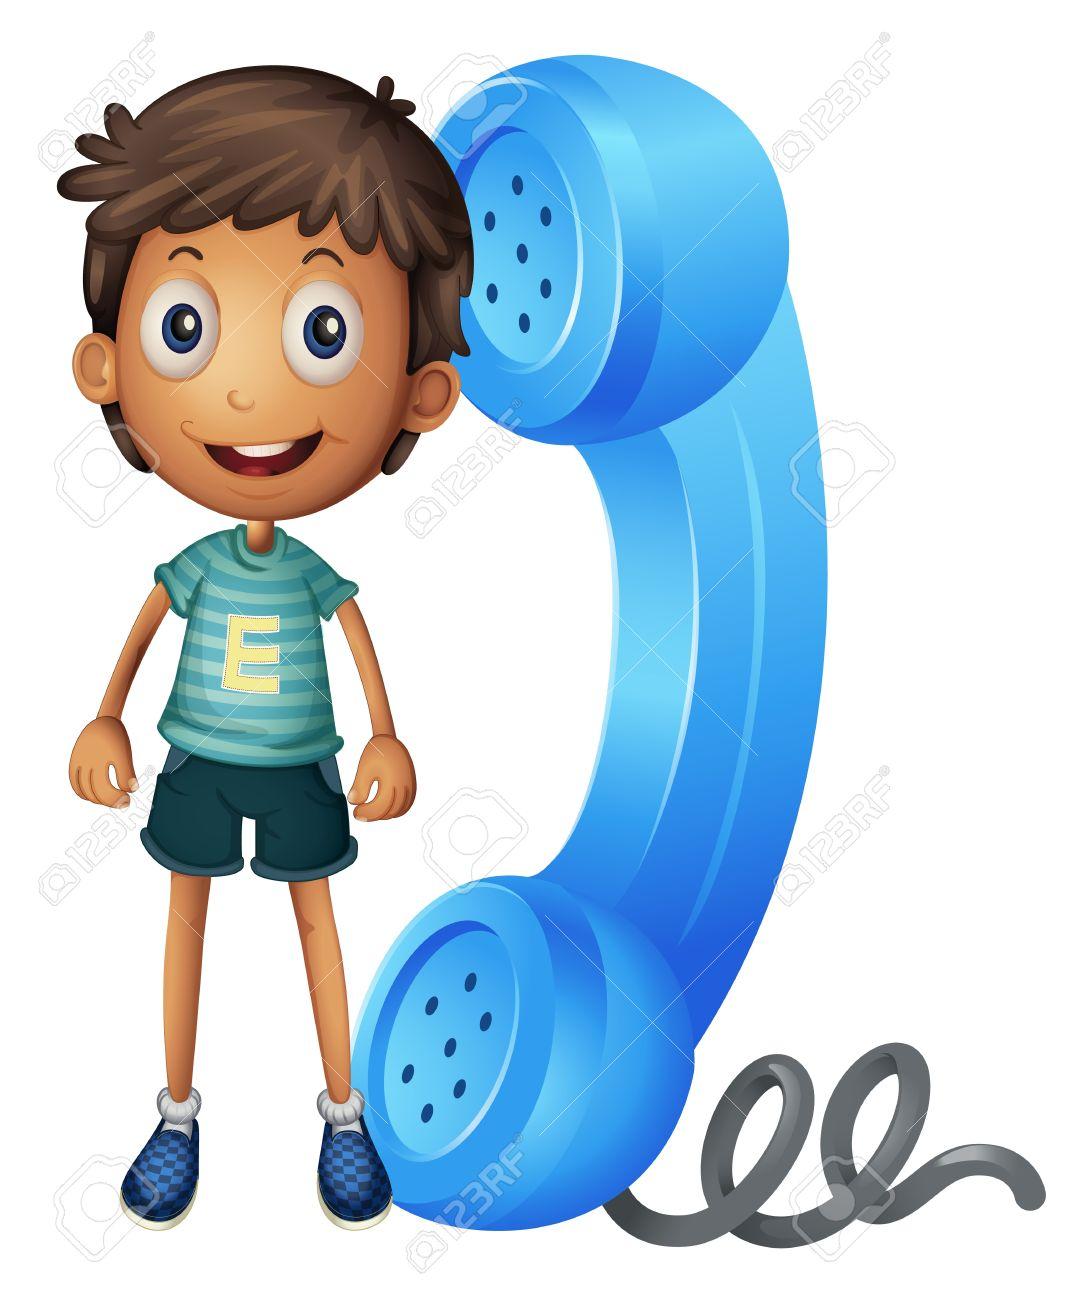 Resultado de imagen de niño con telefono